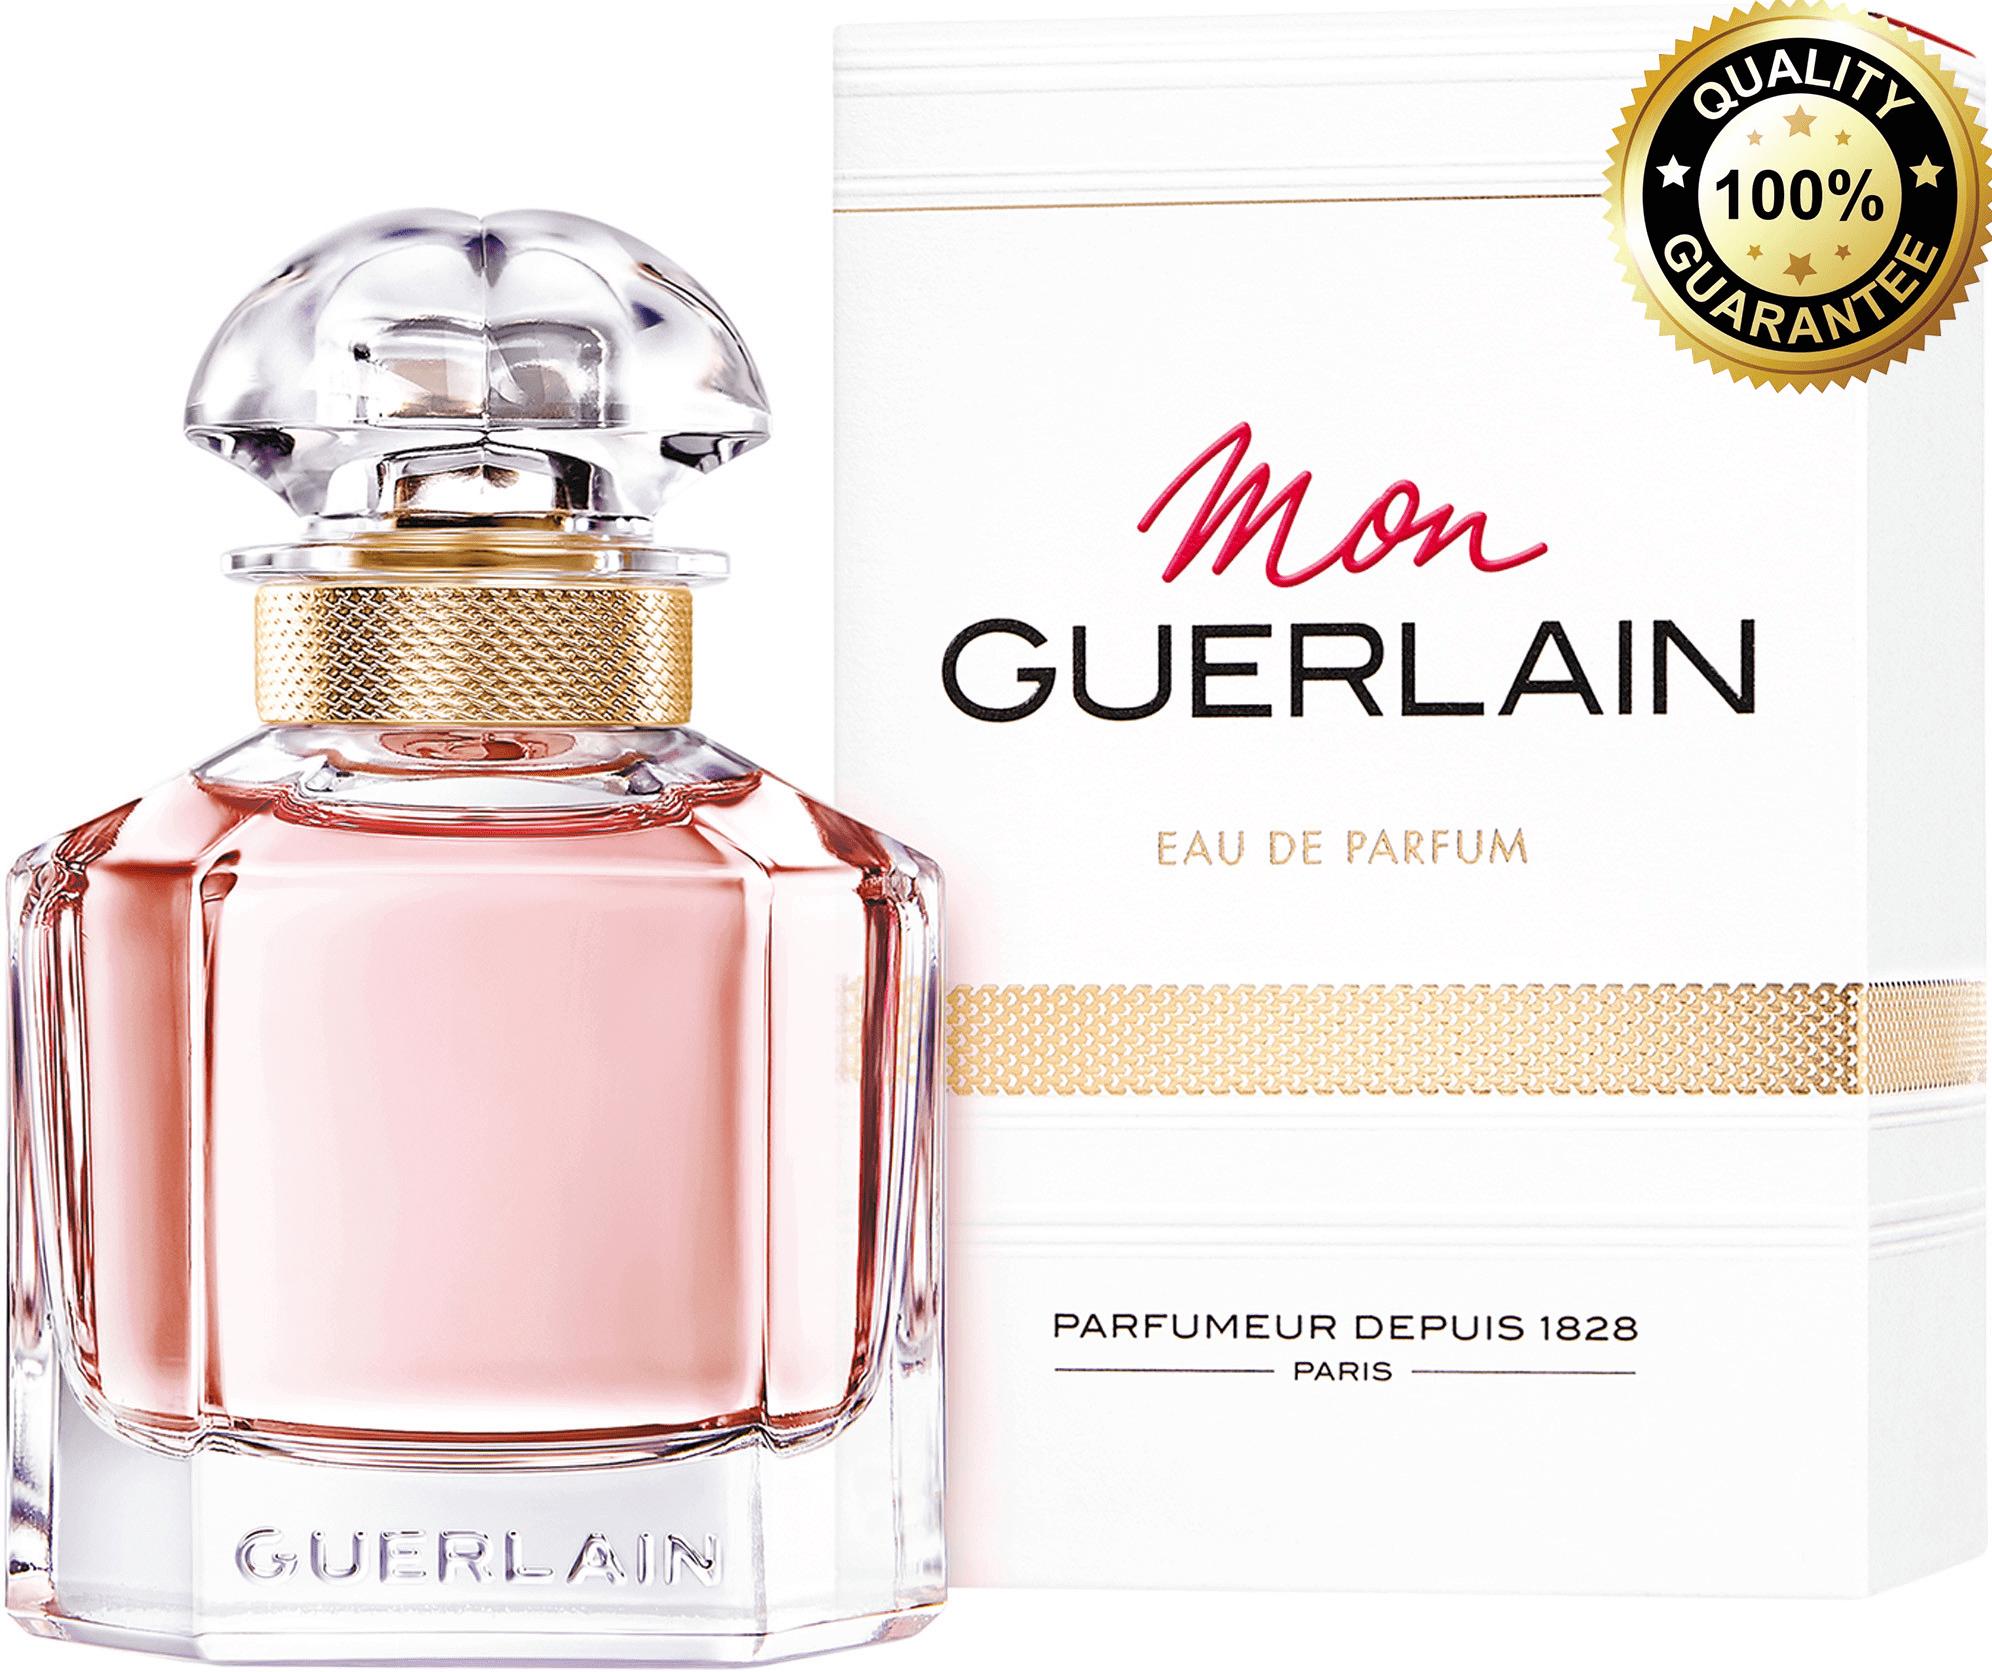 Guerlain Mon Guerlain Eau de Parfum